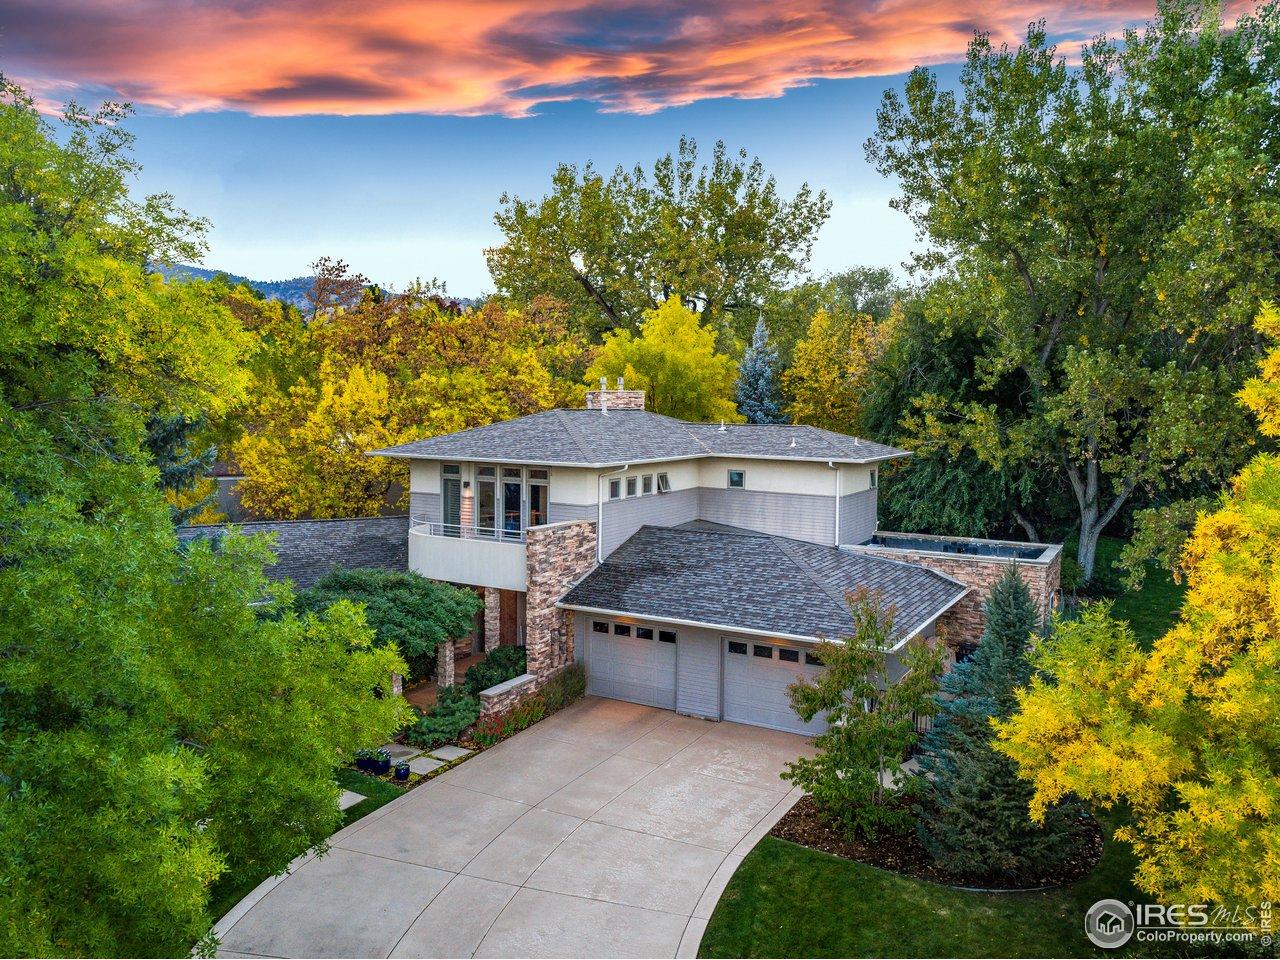 3625 21st St, Boulder CO 80304